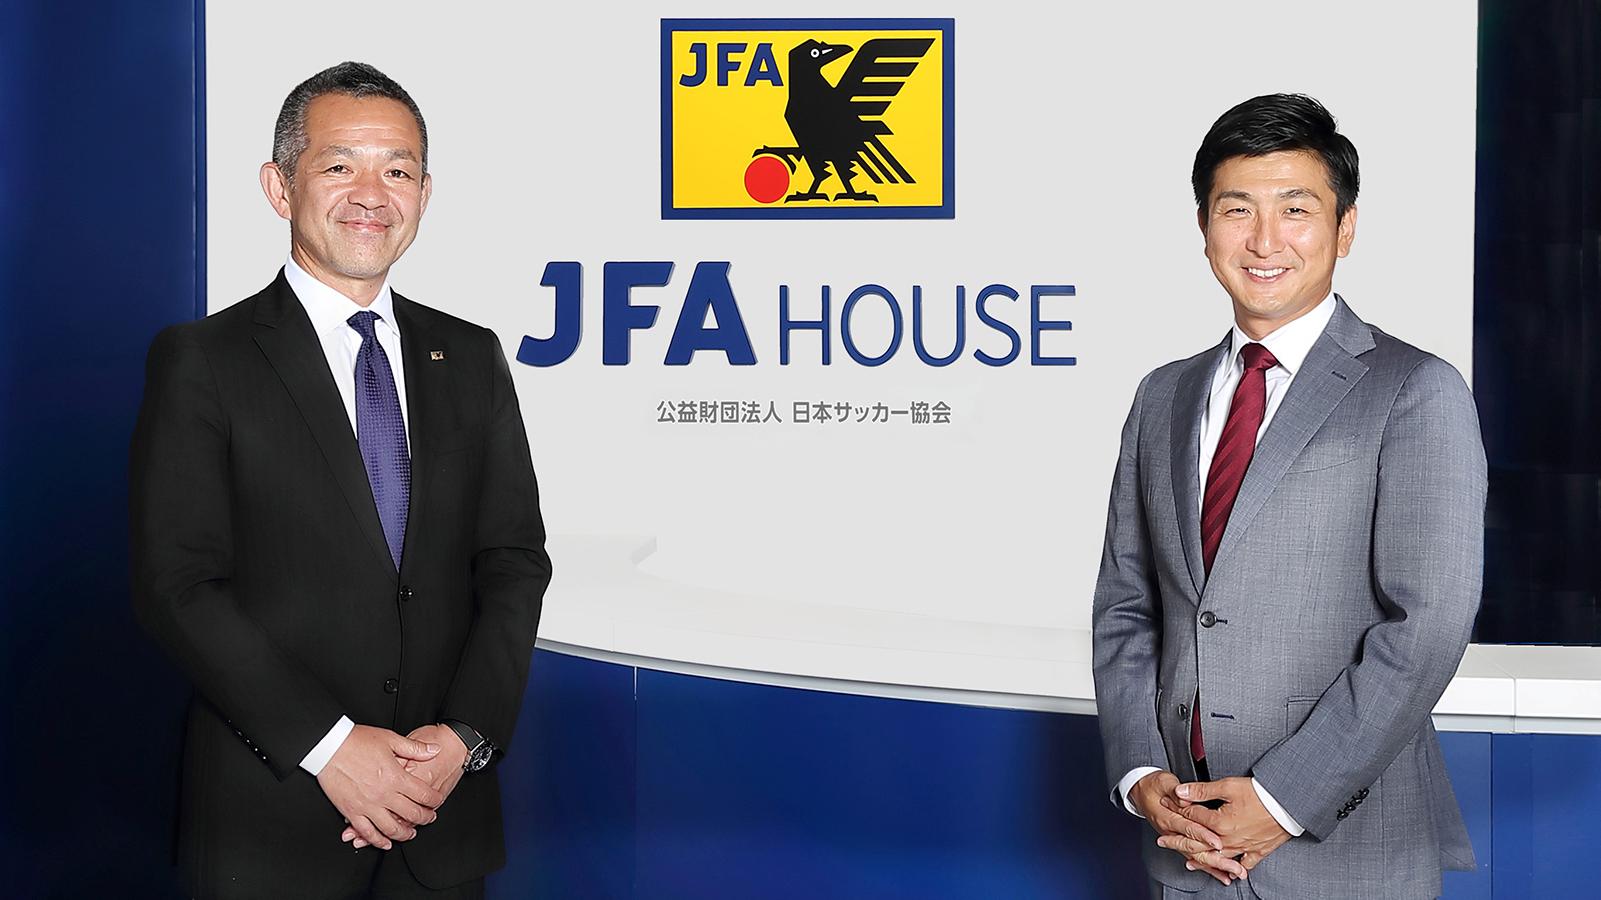 プロ経営者が目指す、日本サッカー協会とスポーツビジネスの発展の姿(日本サッカー協会)